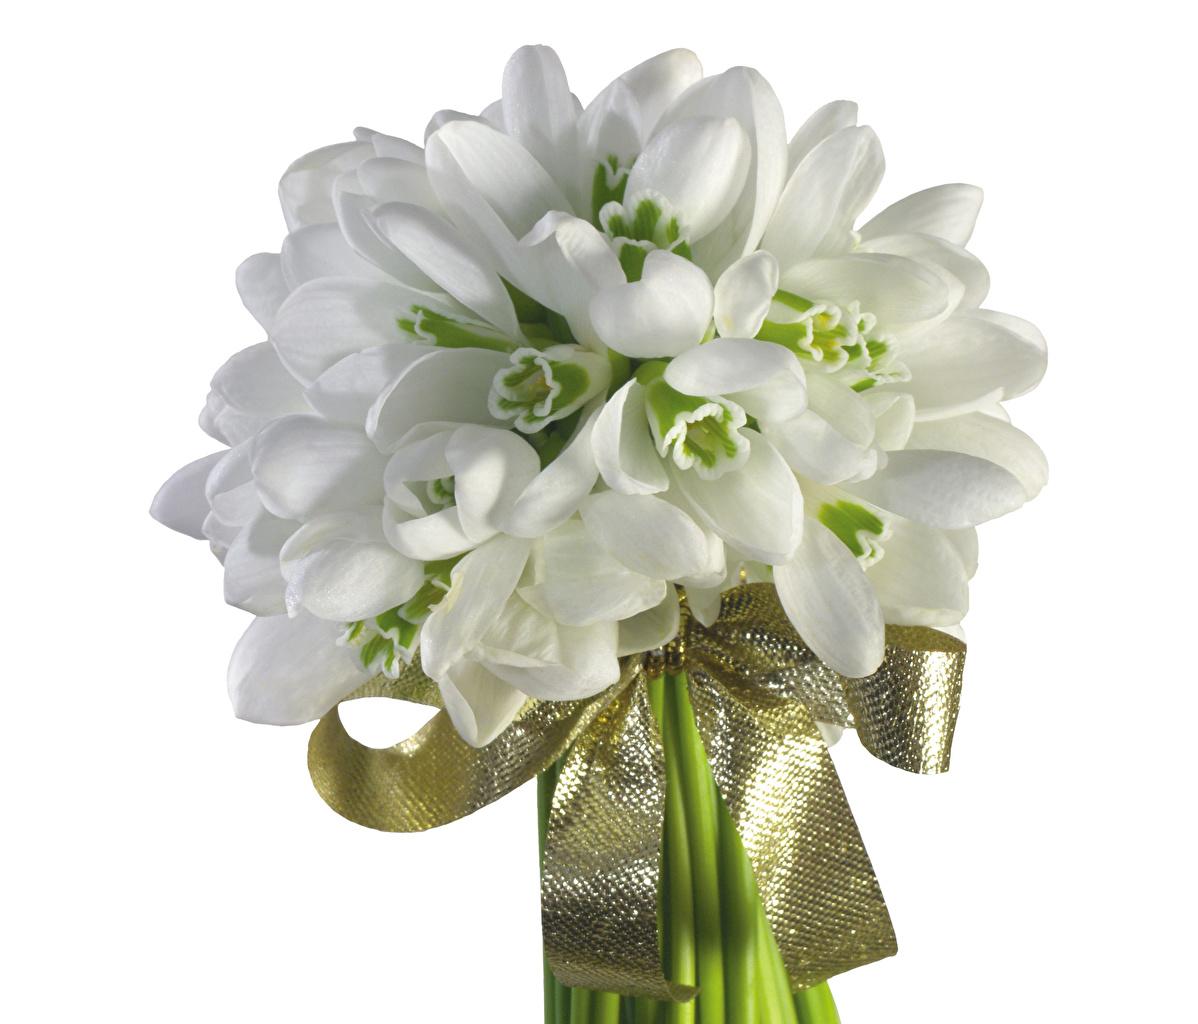 Фотографии букет Цветы Подснежники бантики белом фоне Букеты цветок Галантус бант Бантик Белый фон белым фоном